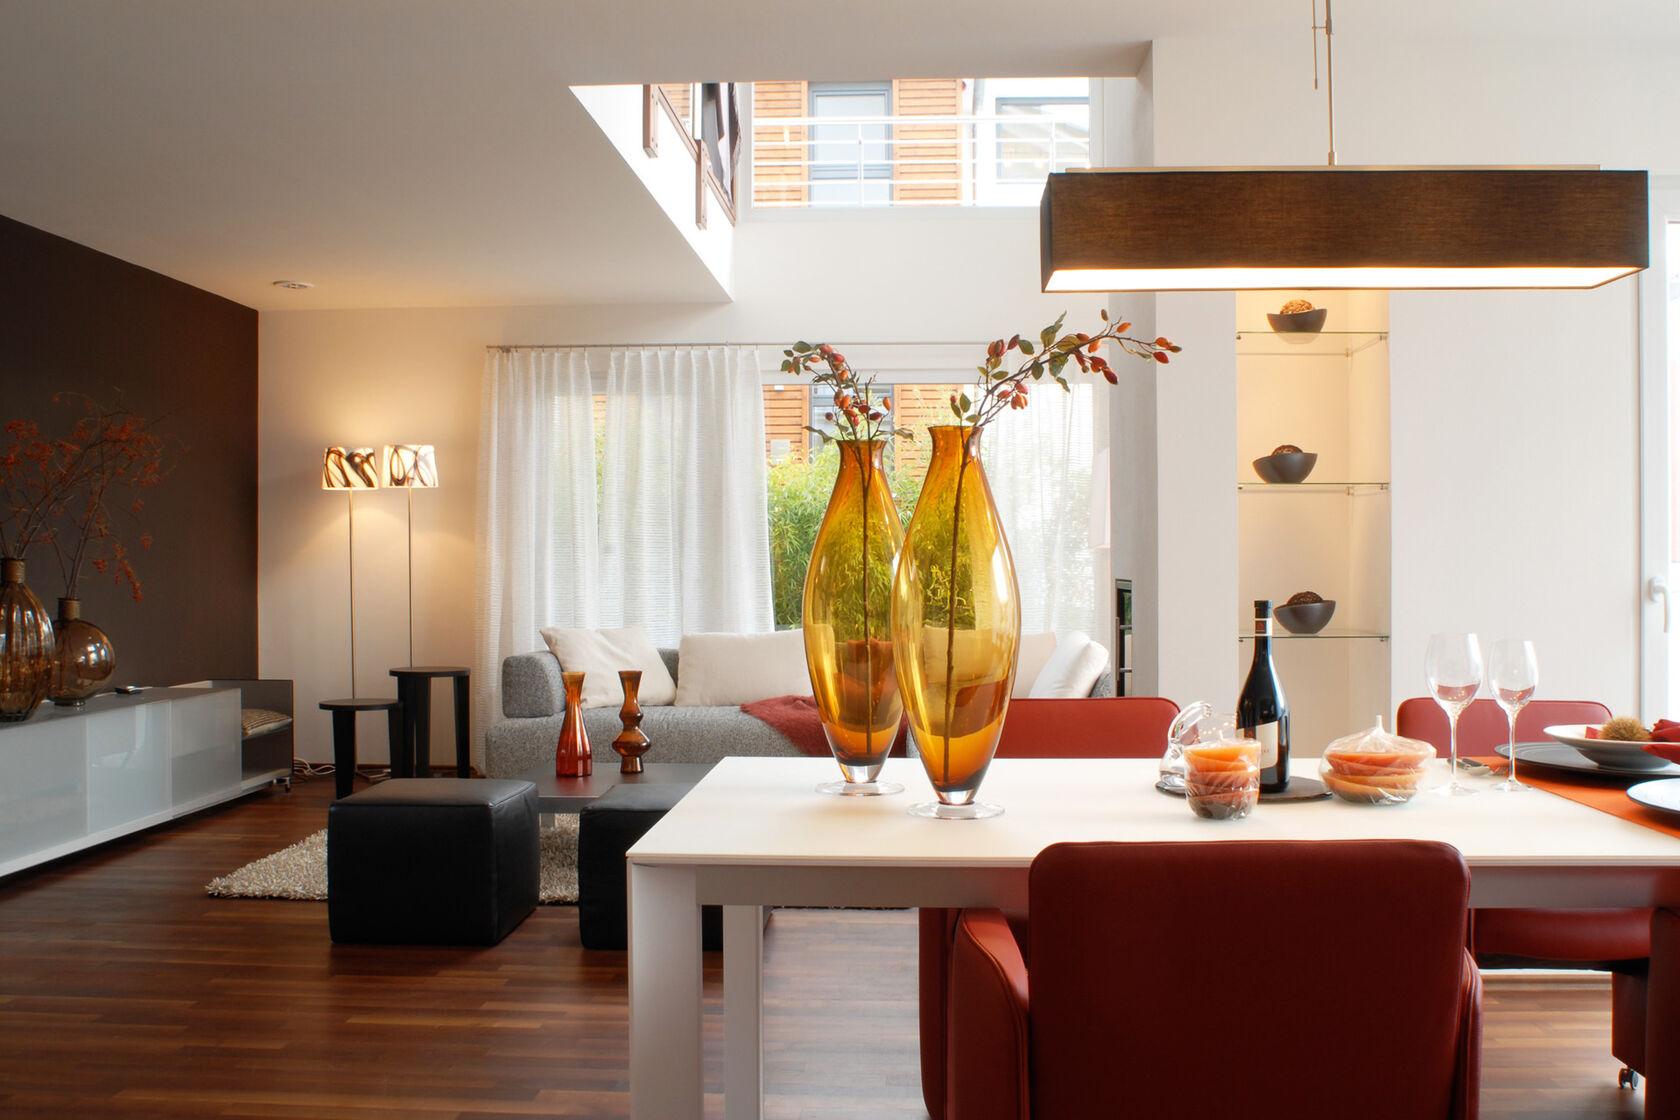 Haas fertigbau galerie  Haas Fertigbau GmbH – Home Expo Suhr